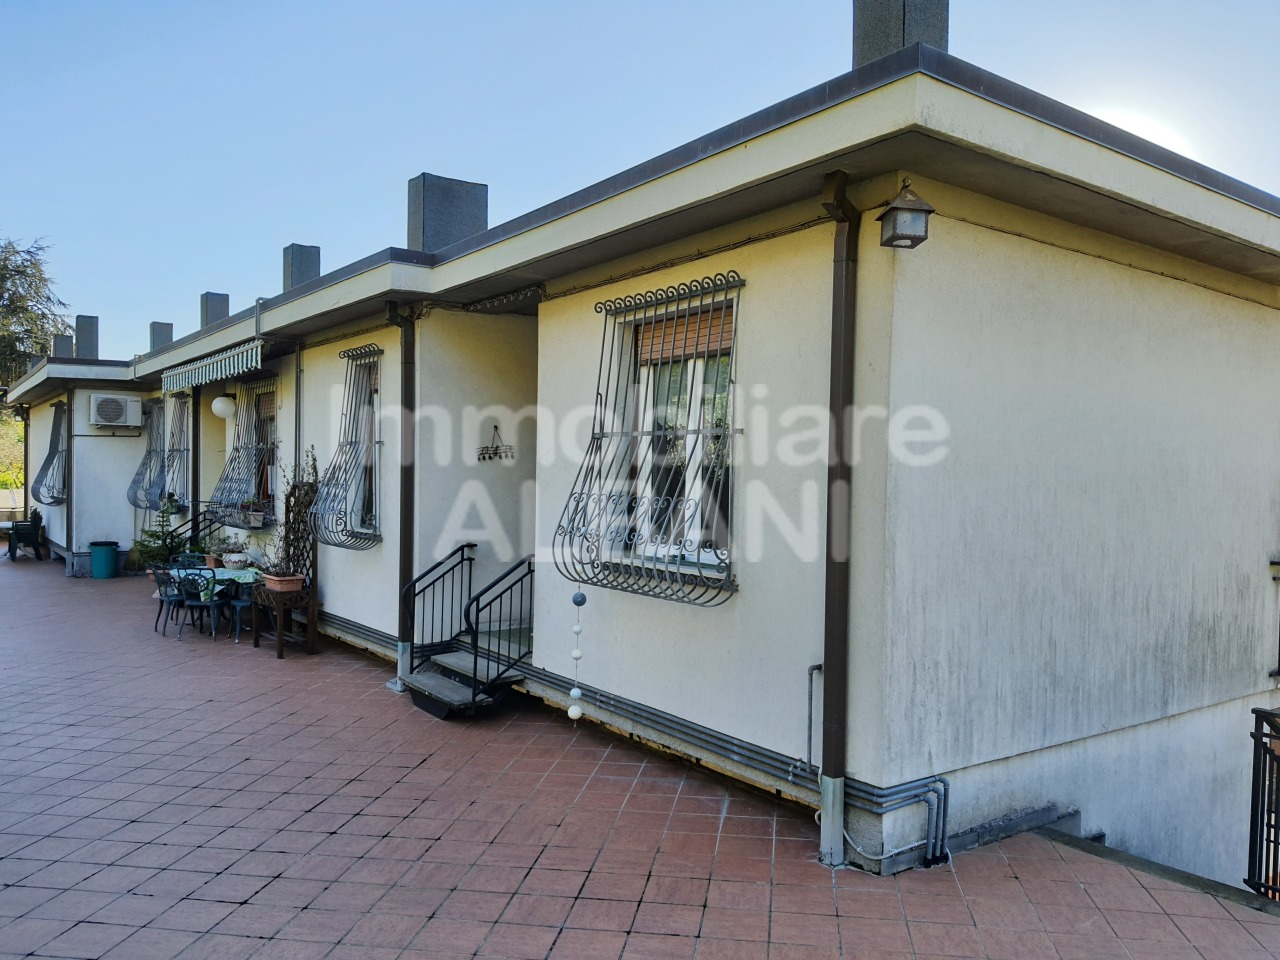 Appartamento in vendita a Vezzano Ligure, 3 locali, prezzo € 120.000 | PortaleAgenzieImmobiliari.it